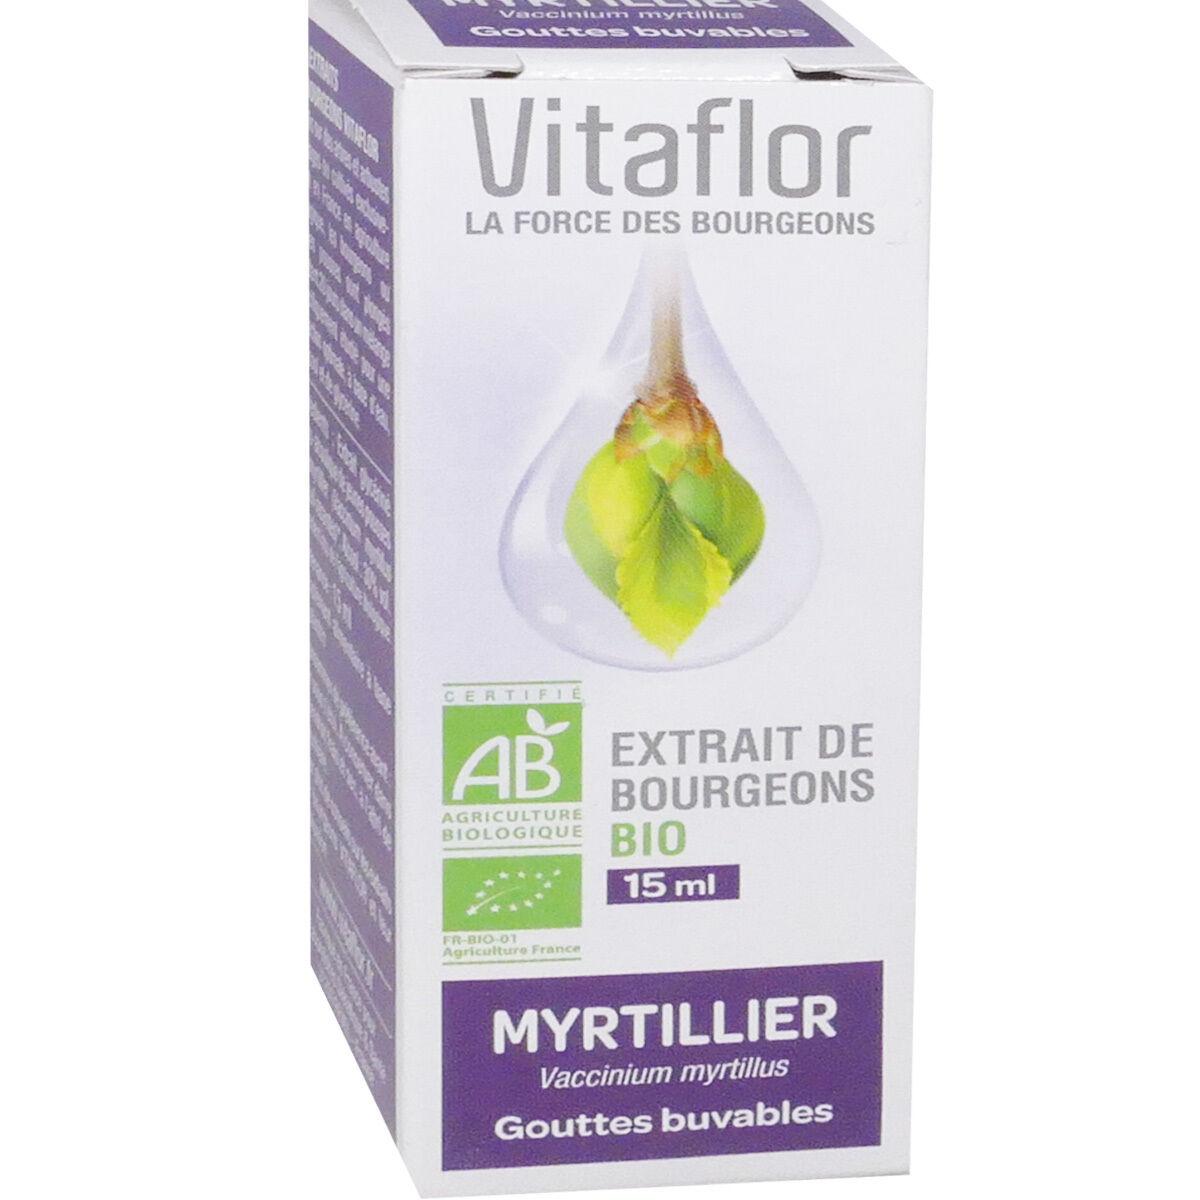 Vitaflor myrtillier extrait de bourgeons bio 15 ml